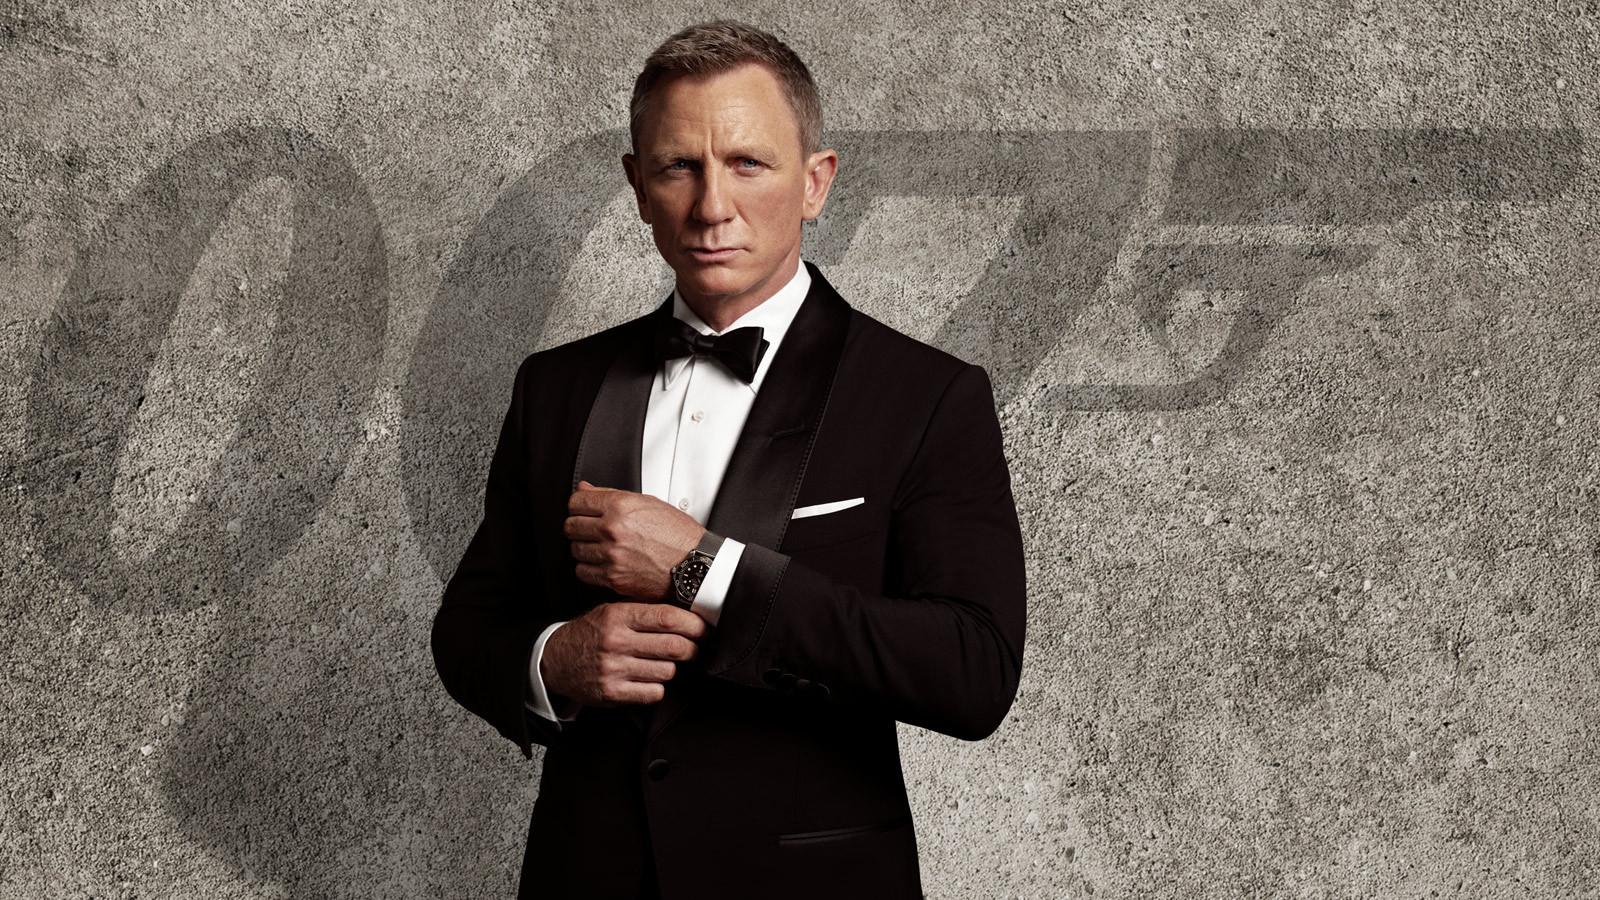 【007无暇赴死】百度云完整版 百度网盘链接